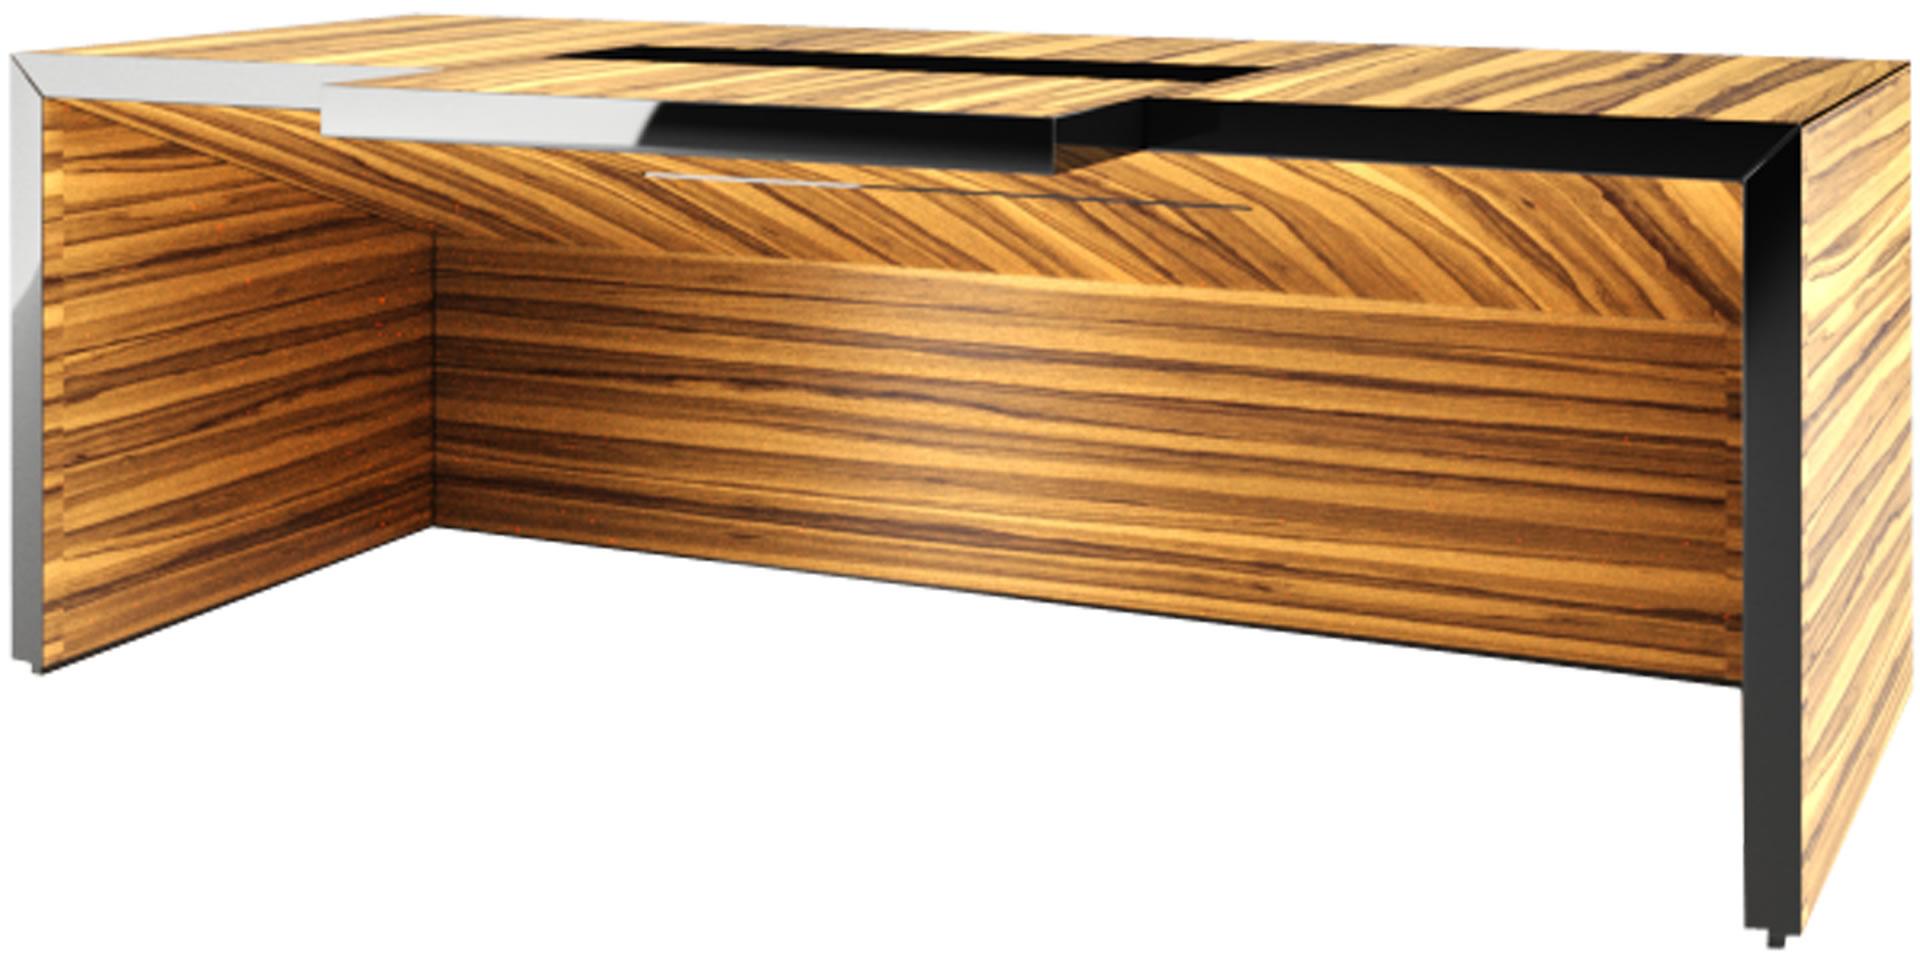 Kleine Schreibtische Design : Schreibtisch Aus Holz Futuristisch U2013  Topby.info